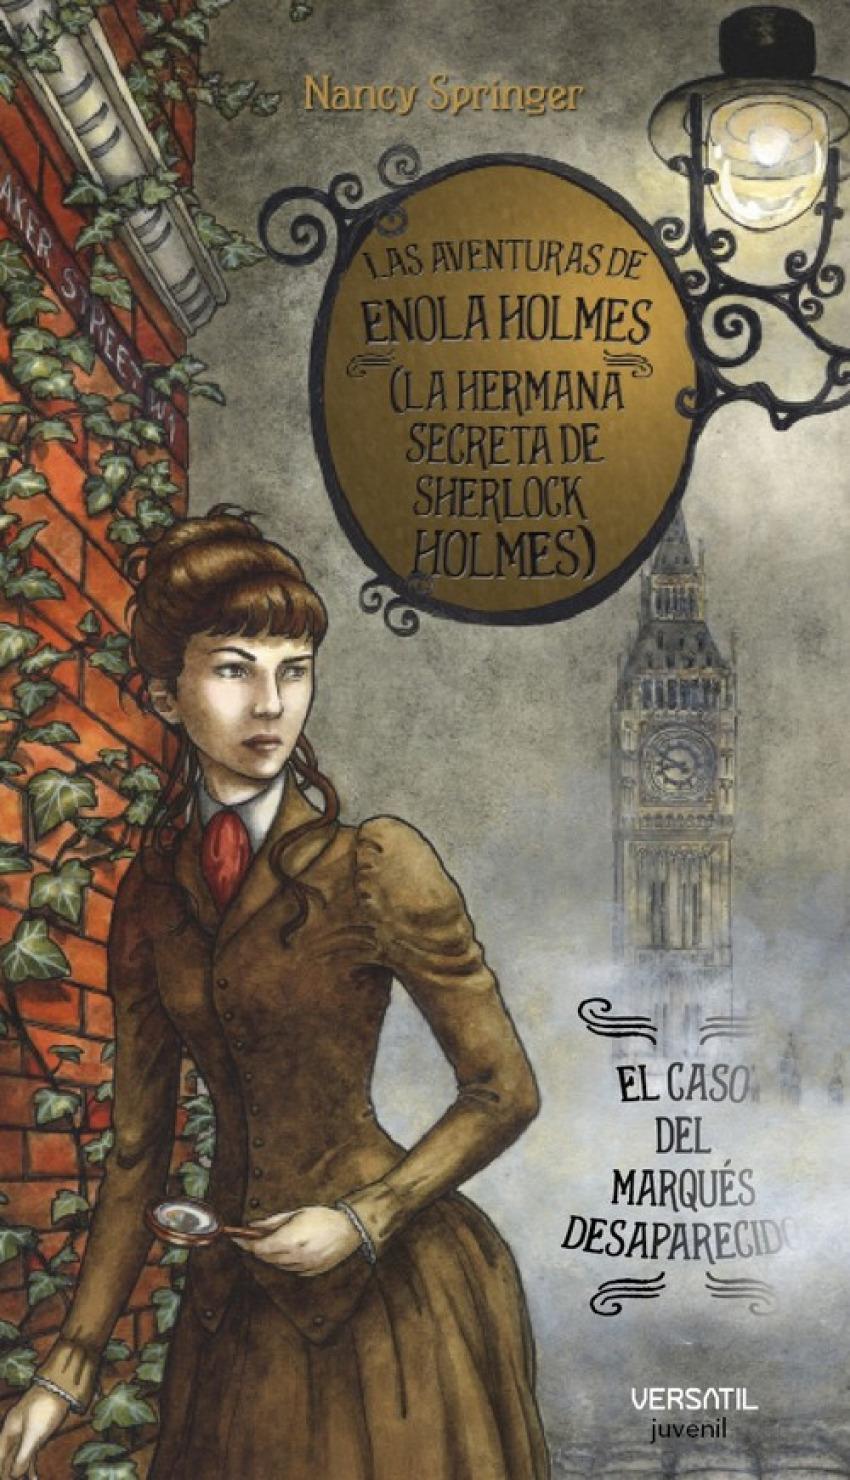 Las aventuras de Enola Holmes 1 (La hermana secreta de Sherlock Holmes). El caso del Marqués desaparecido